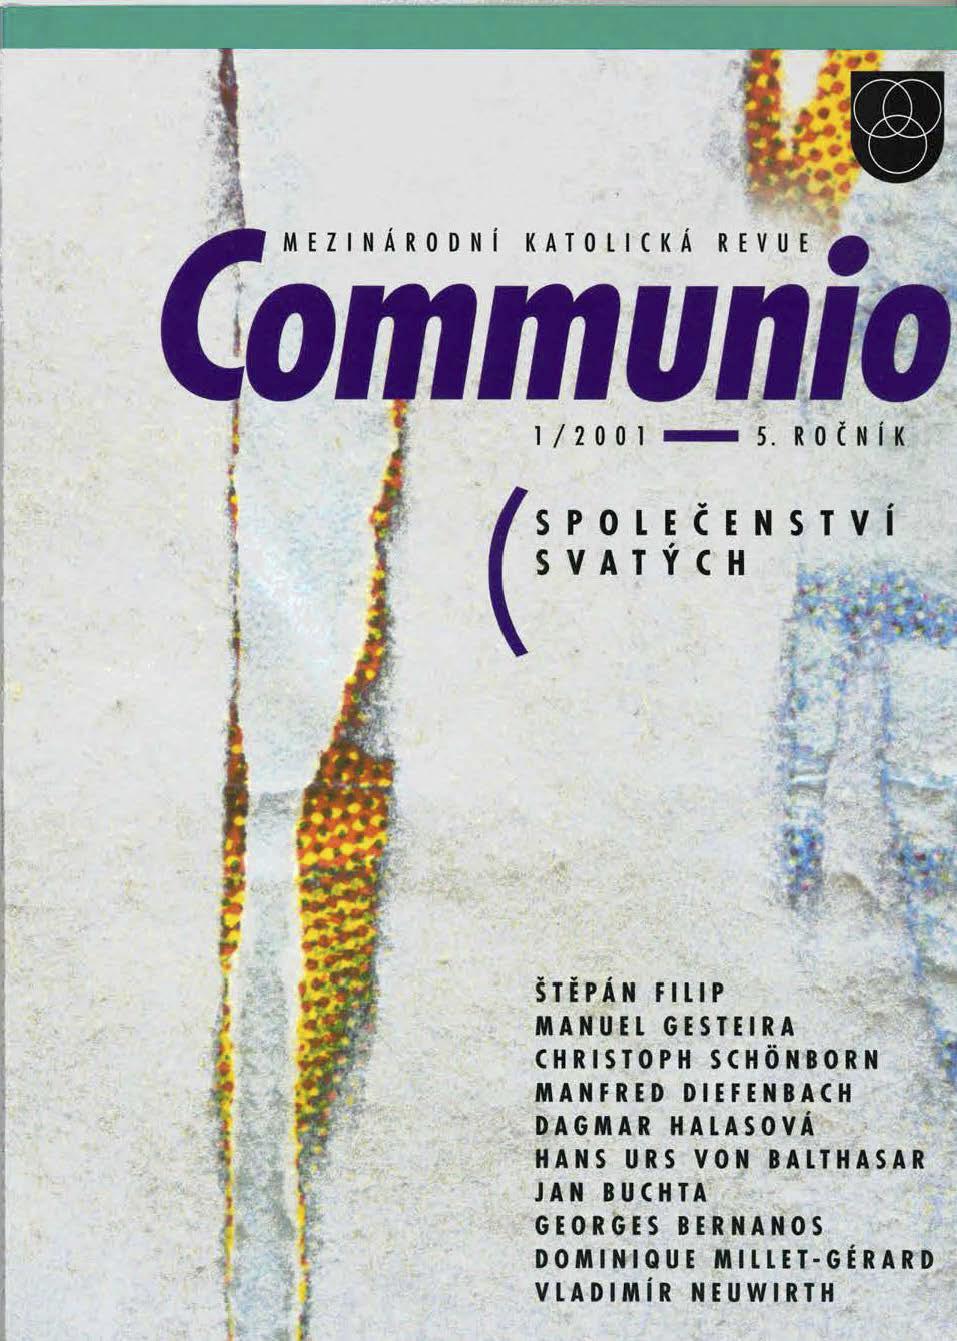 1/2001: Společenství svatých